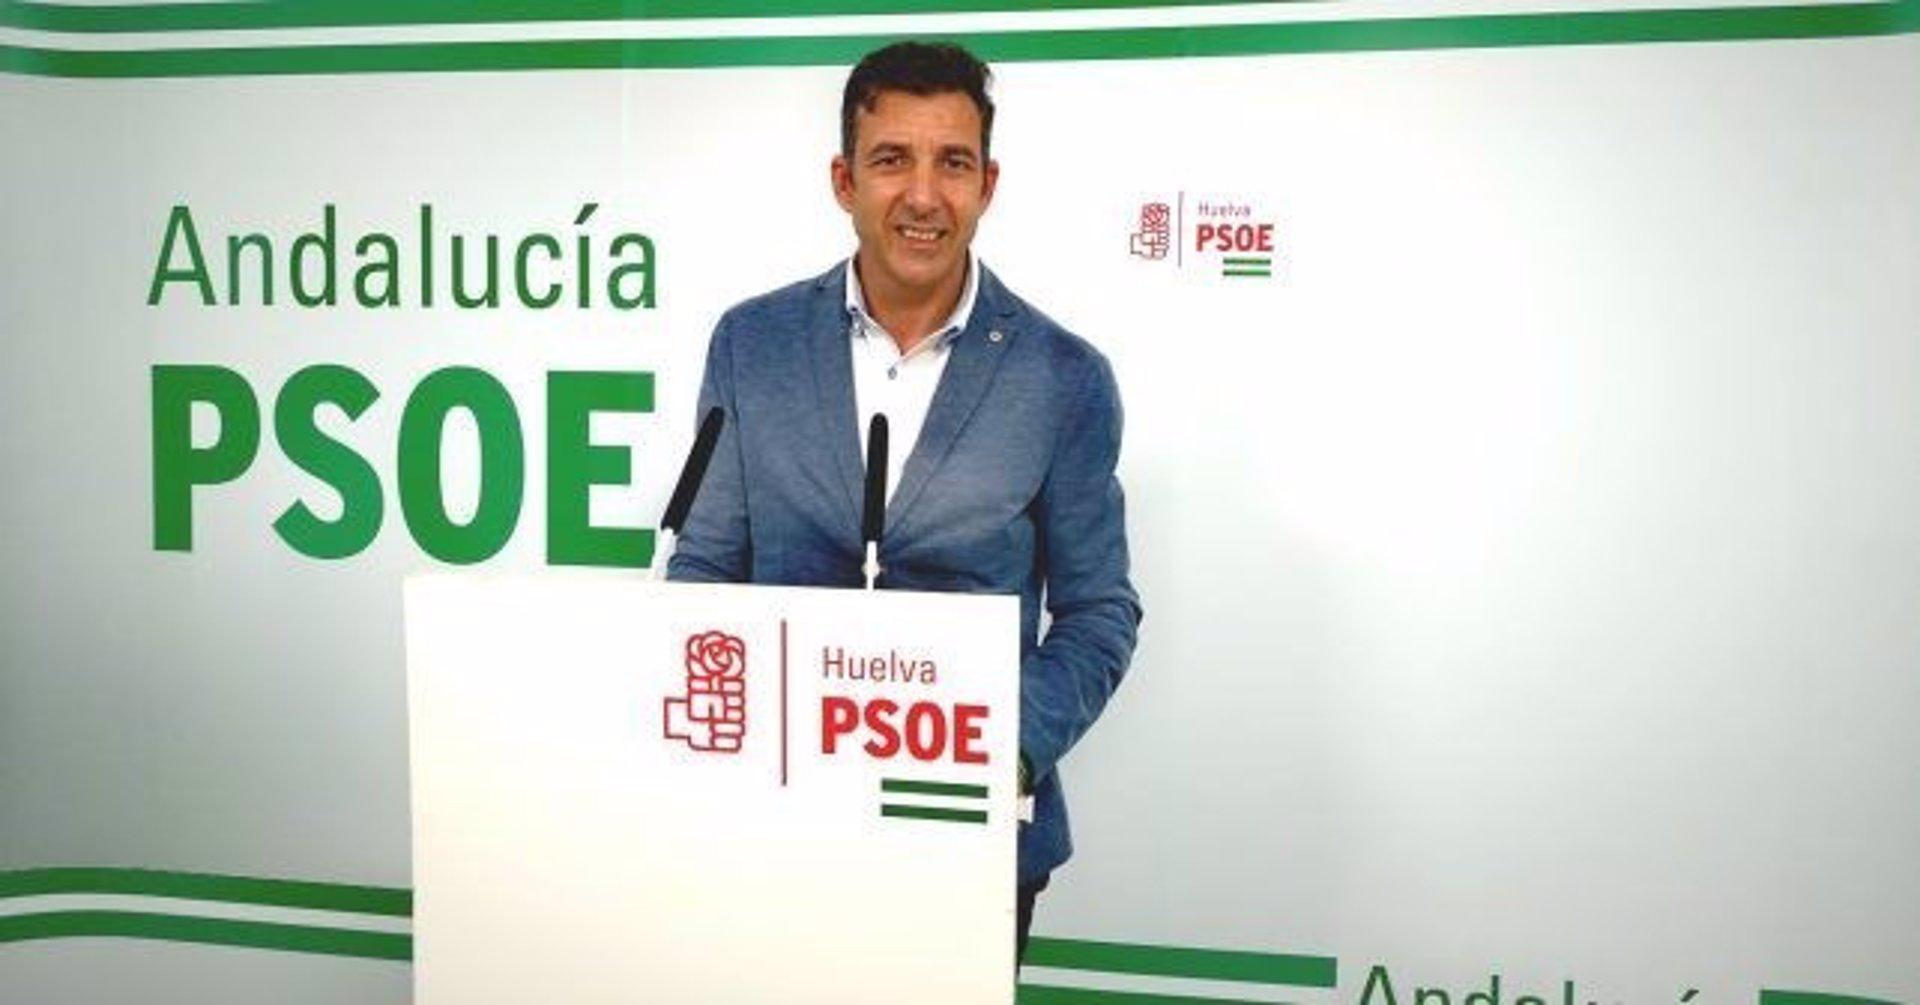 El PSOE dice que Andalucía será la que más dinero recibirá del Estado para programas de empleo, con 127,5 millones